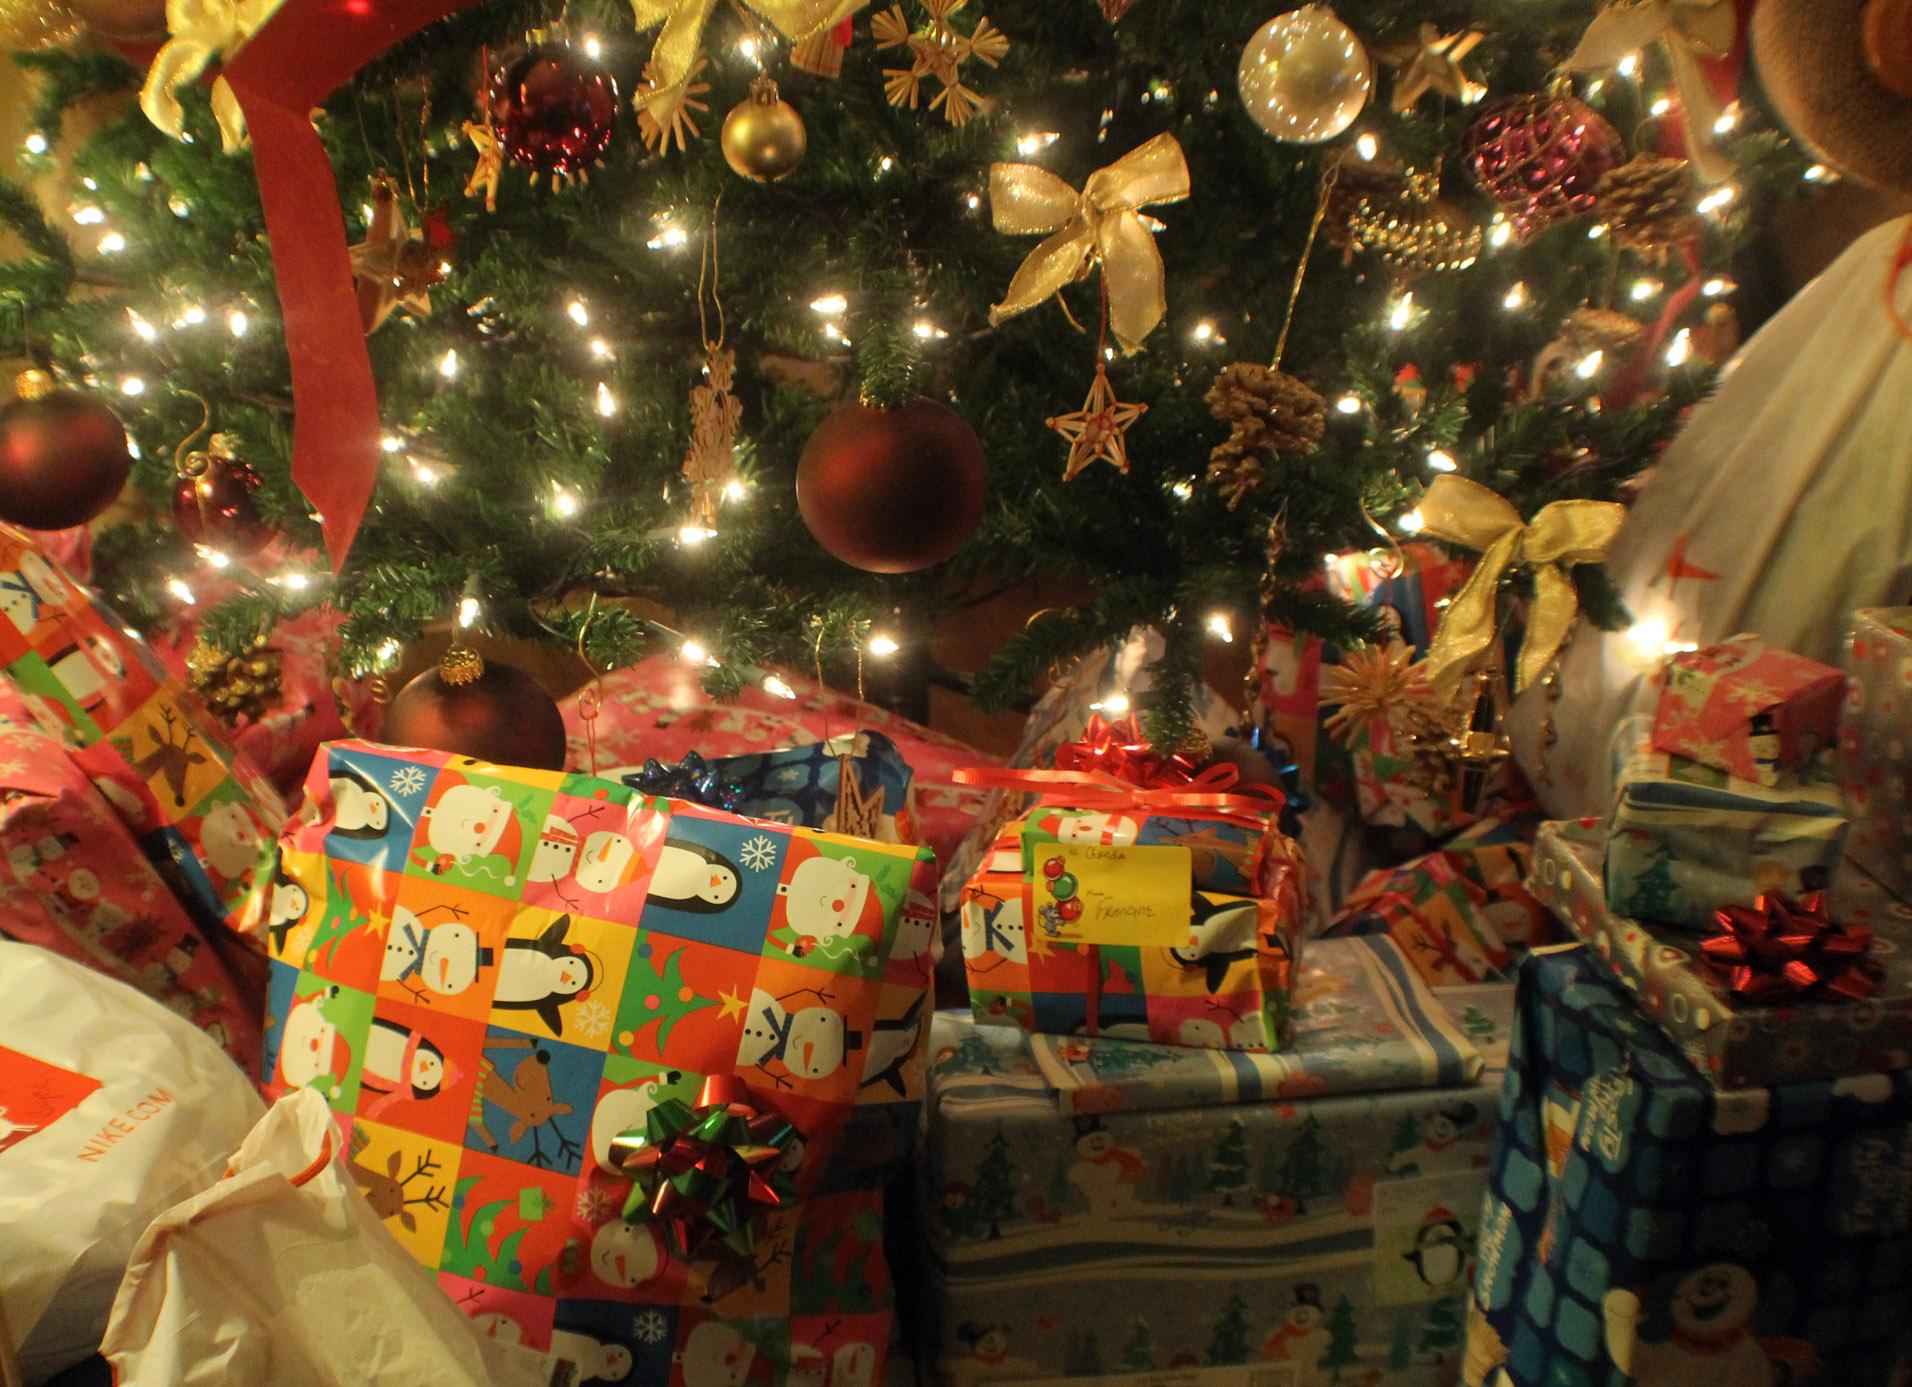 Weekly Image Of Life: On Christmas Day » Christmas Presents